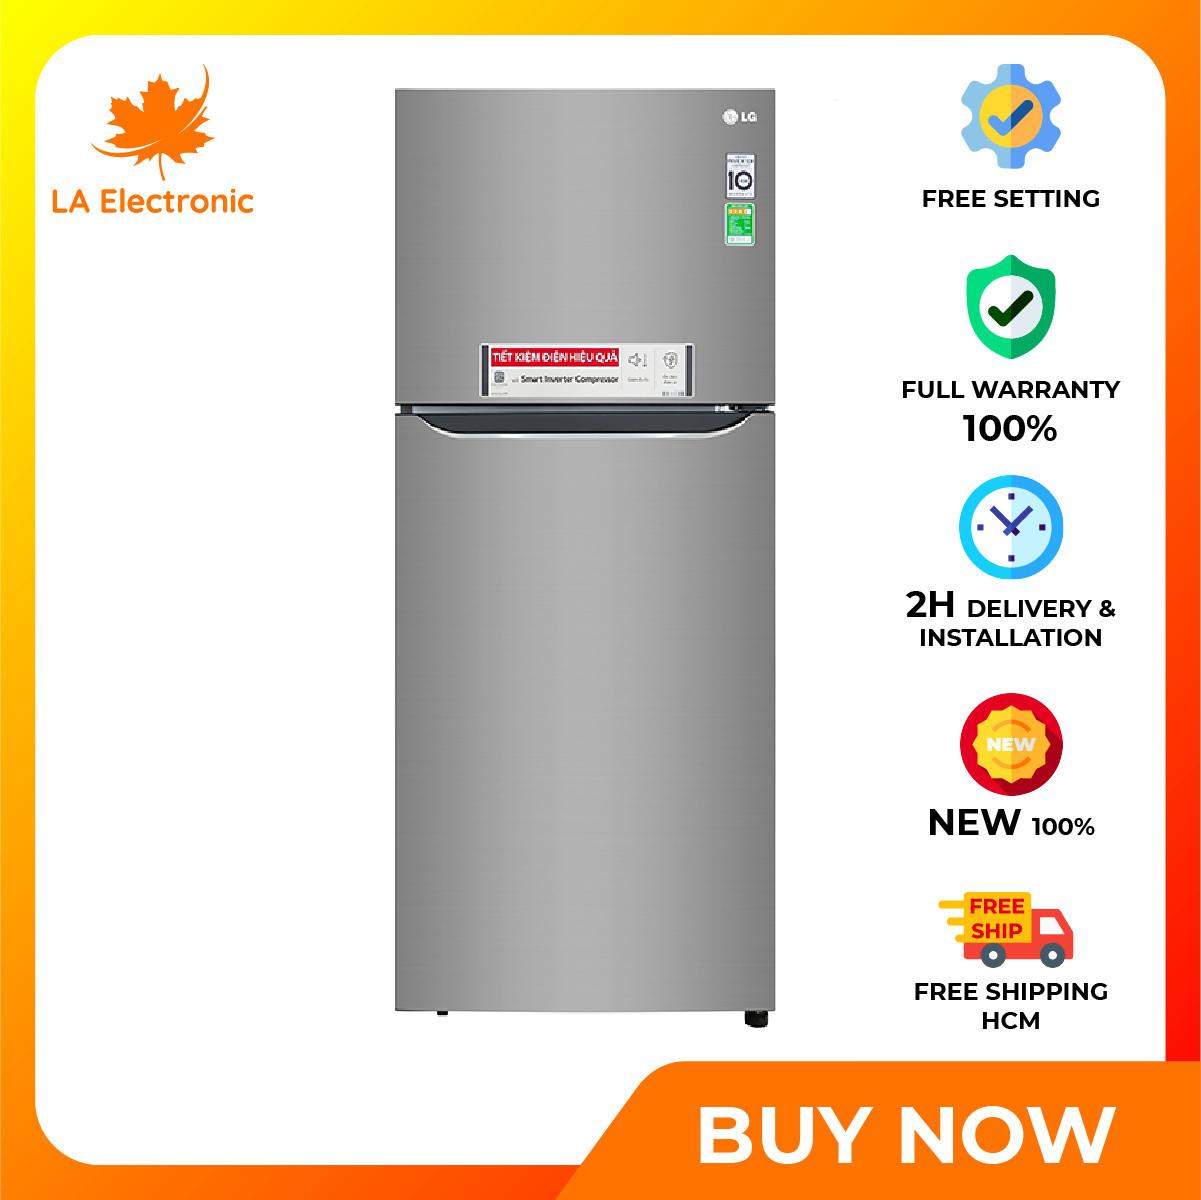 Tủ lạnh LG Inverter 393 lít GN-M422PS – Miễn phí vận chuyển HCM – Khay đá di động Ngăn kéo linh hoạt Chẩn đoán lỗi thông minh Smart Diagnosis, Ngăn rau củ cân bằng ẩm 2 chế độ Fresh Zone